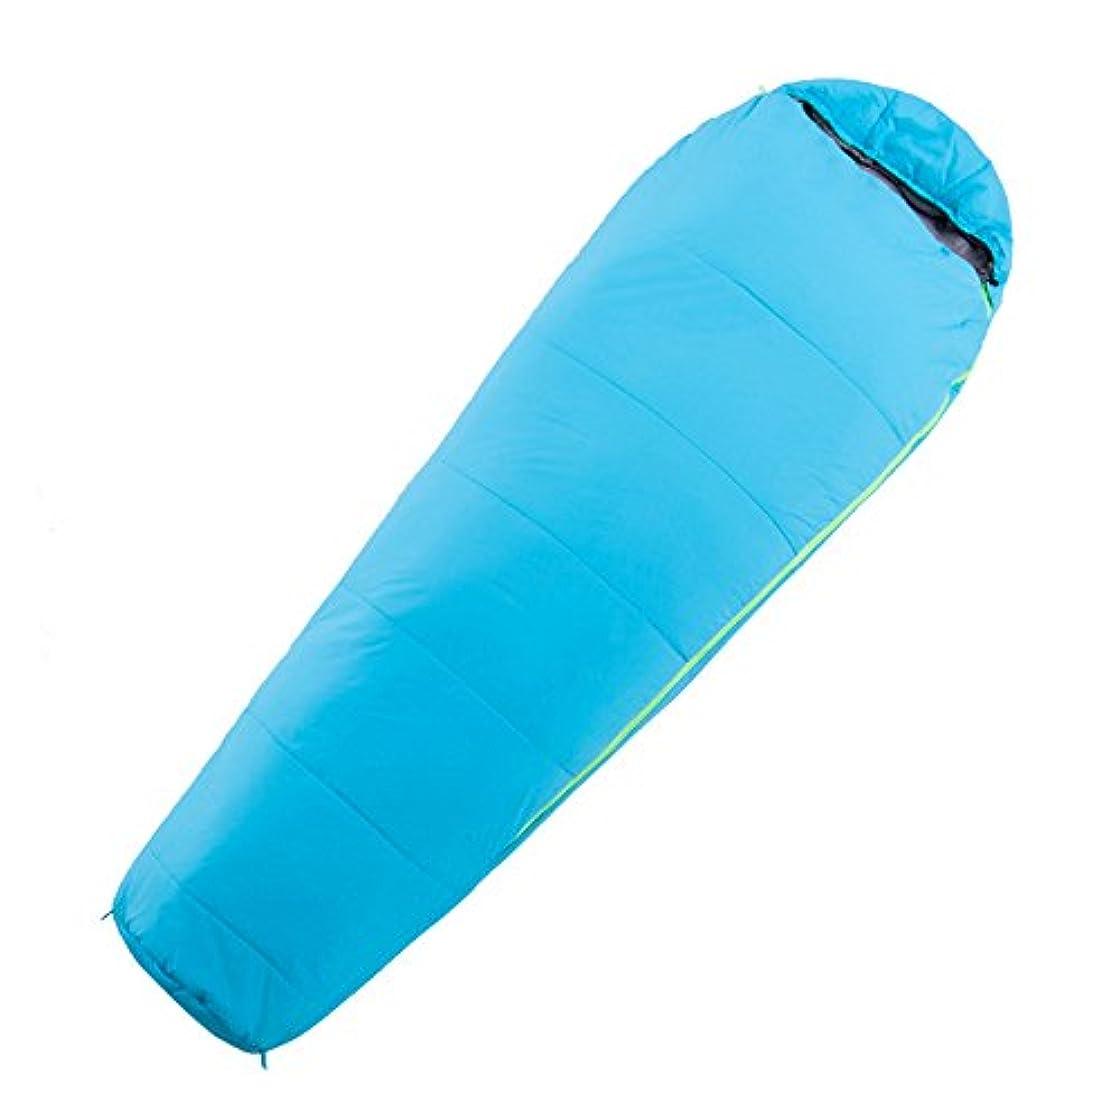 減る待つ雲LJHA shuidai ミイラスリーピングバッグ/コットン/ライトポータブル/アウトドアキャンプハイキング/4シーズンの寝袋215 * 76(35)cm (色 : Blue)